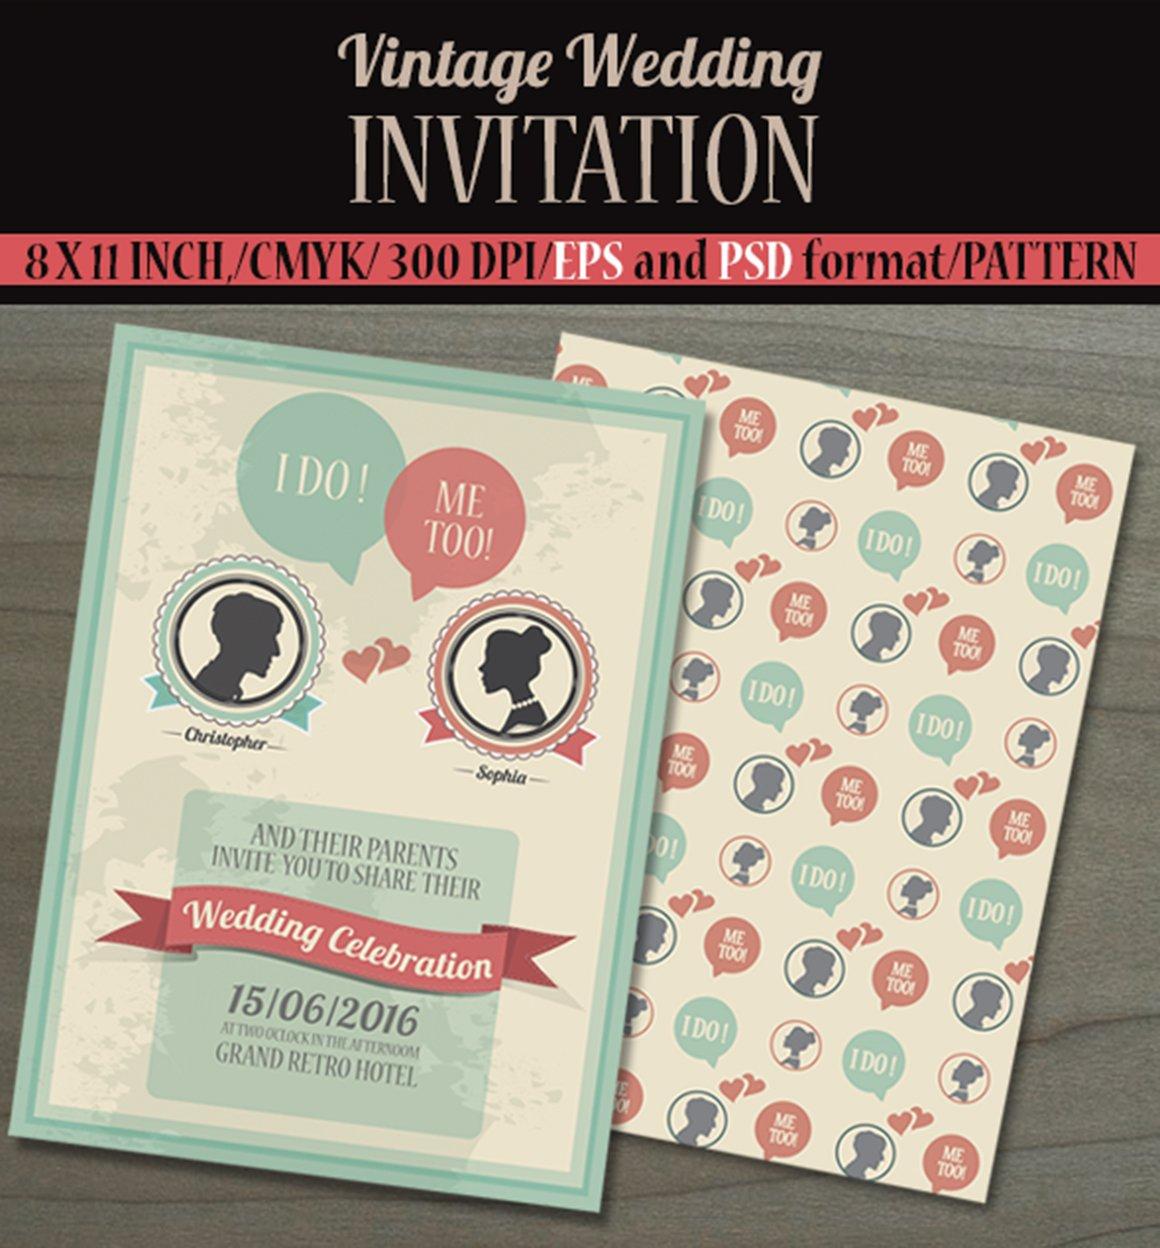 Vintage Wedding Invitation Card. ~ Invitation Templates ~ Creative ...